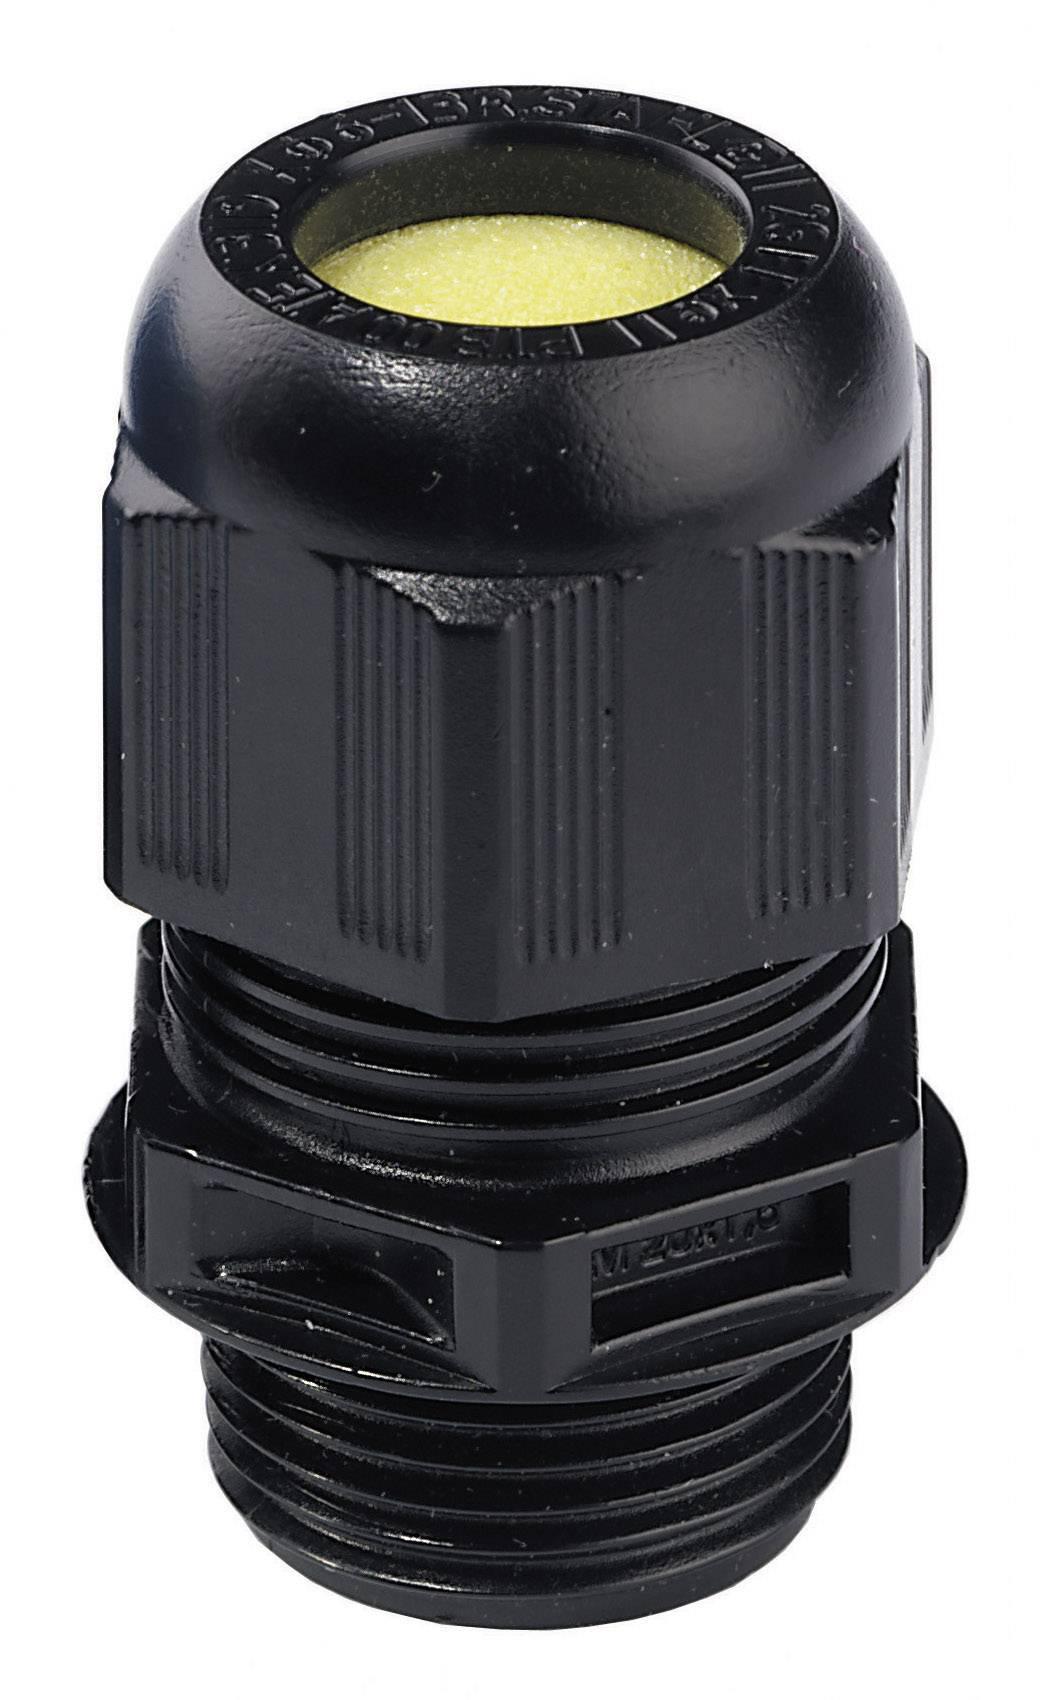 Káblová priechodka Wiska ESKE/1 M25;ATEX, čierna (RAL 9005), 1 ks